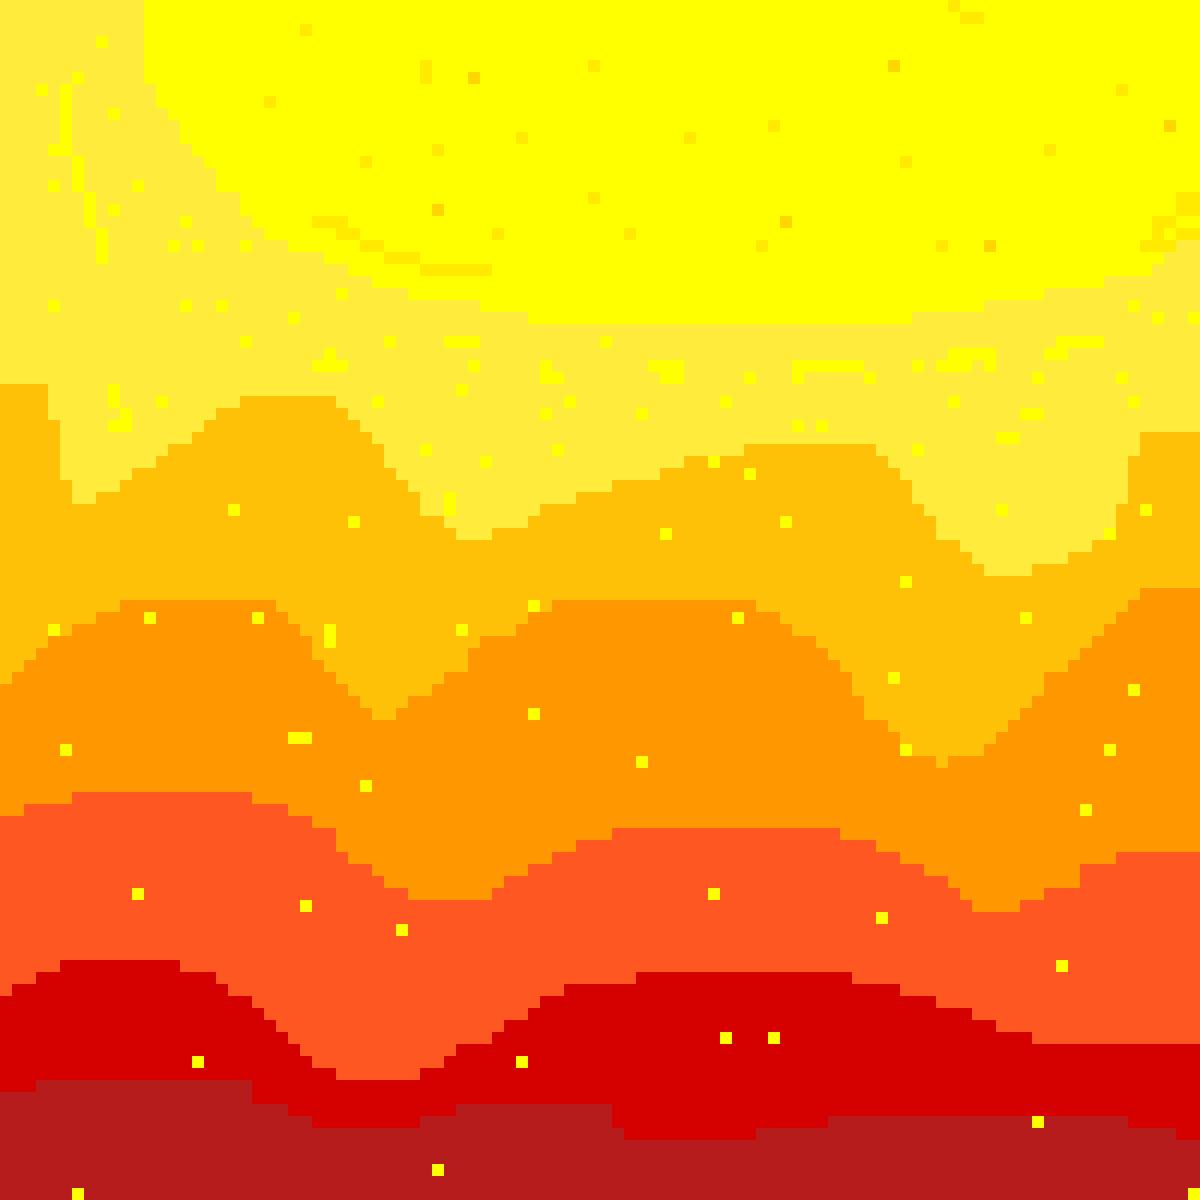 sunset by ClemLovesArt